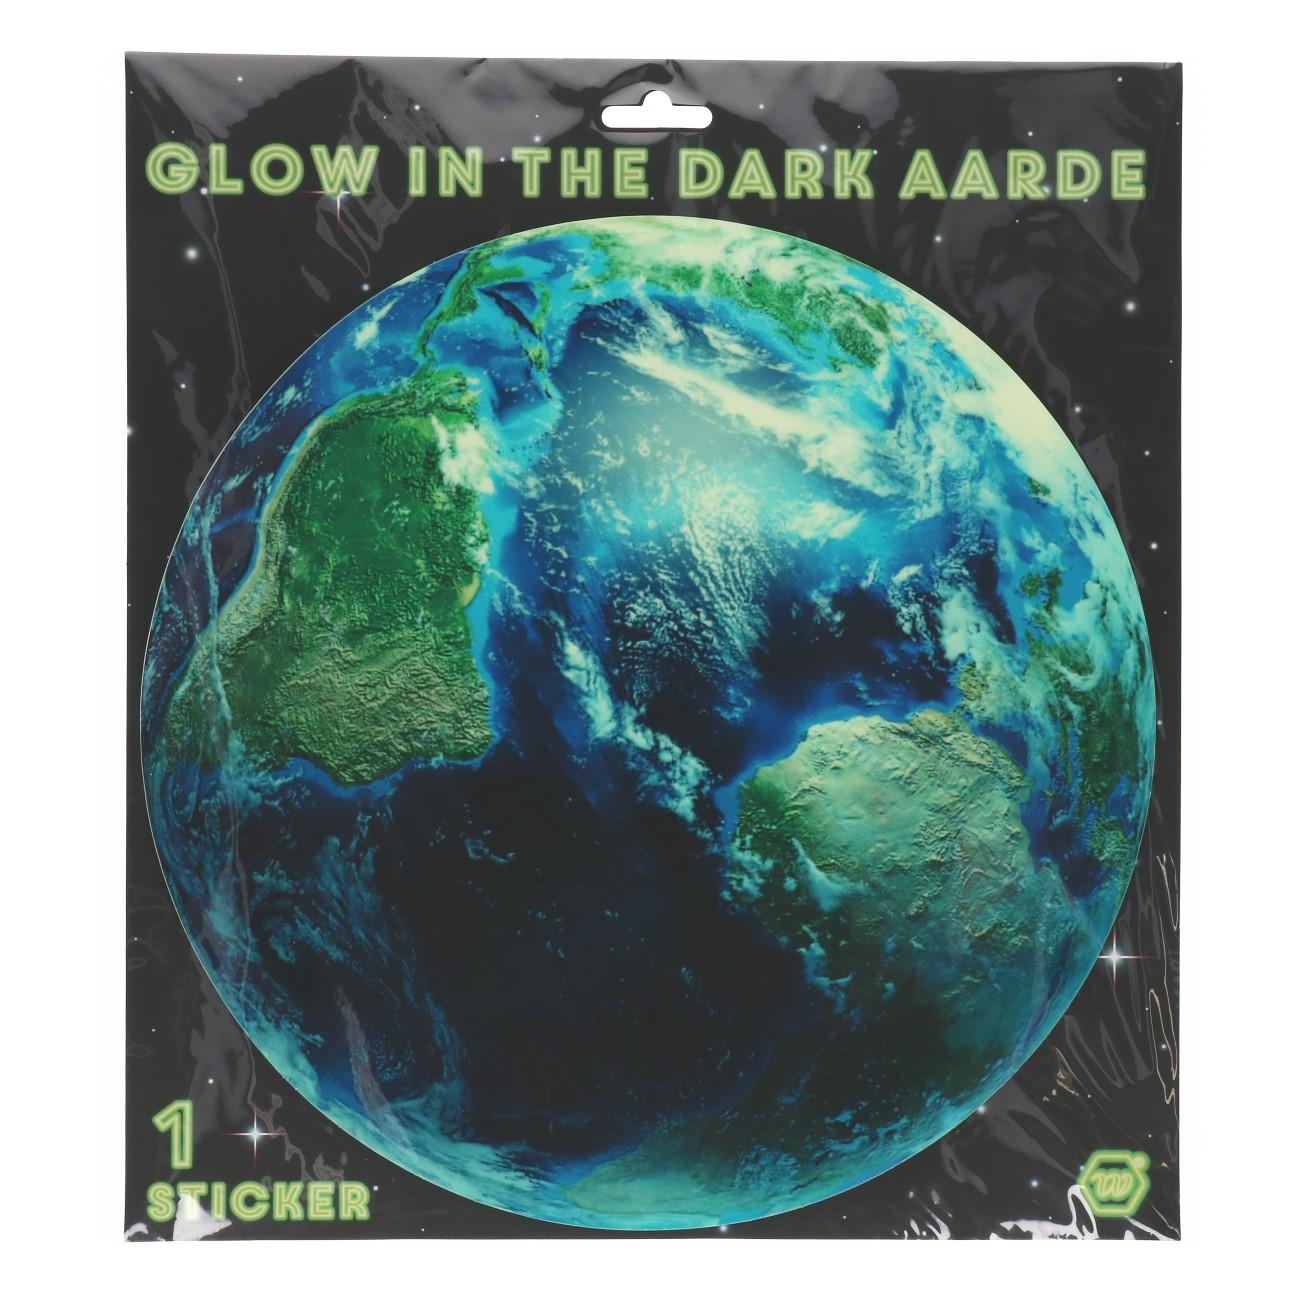 Aarde glow in the dark